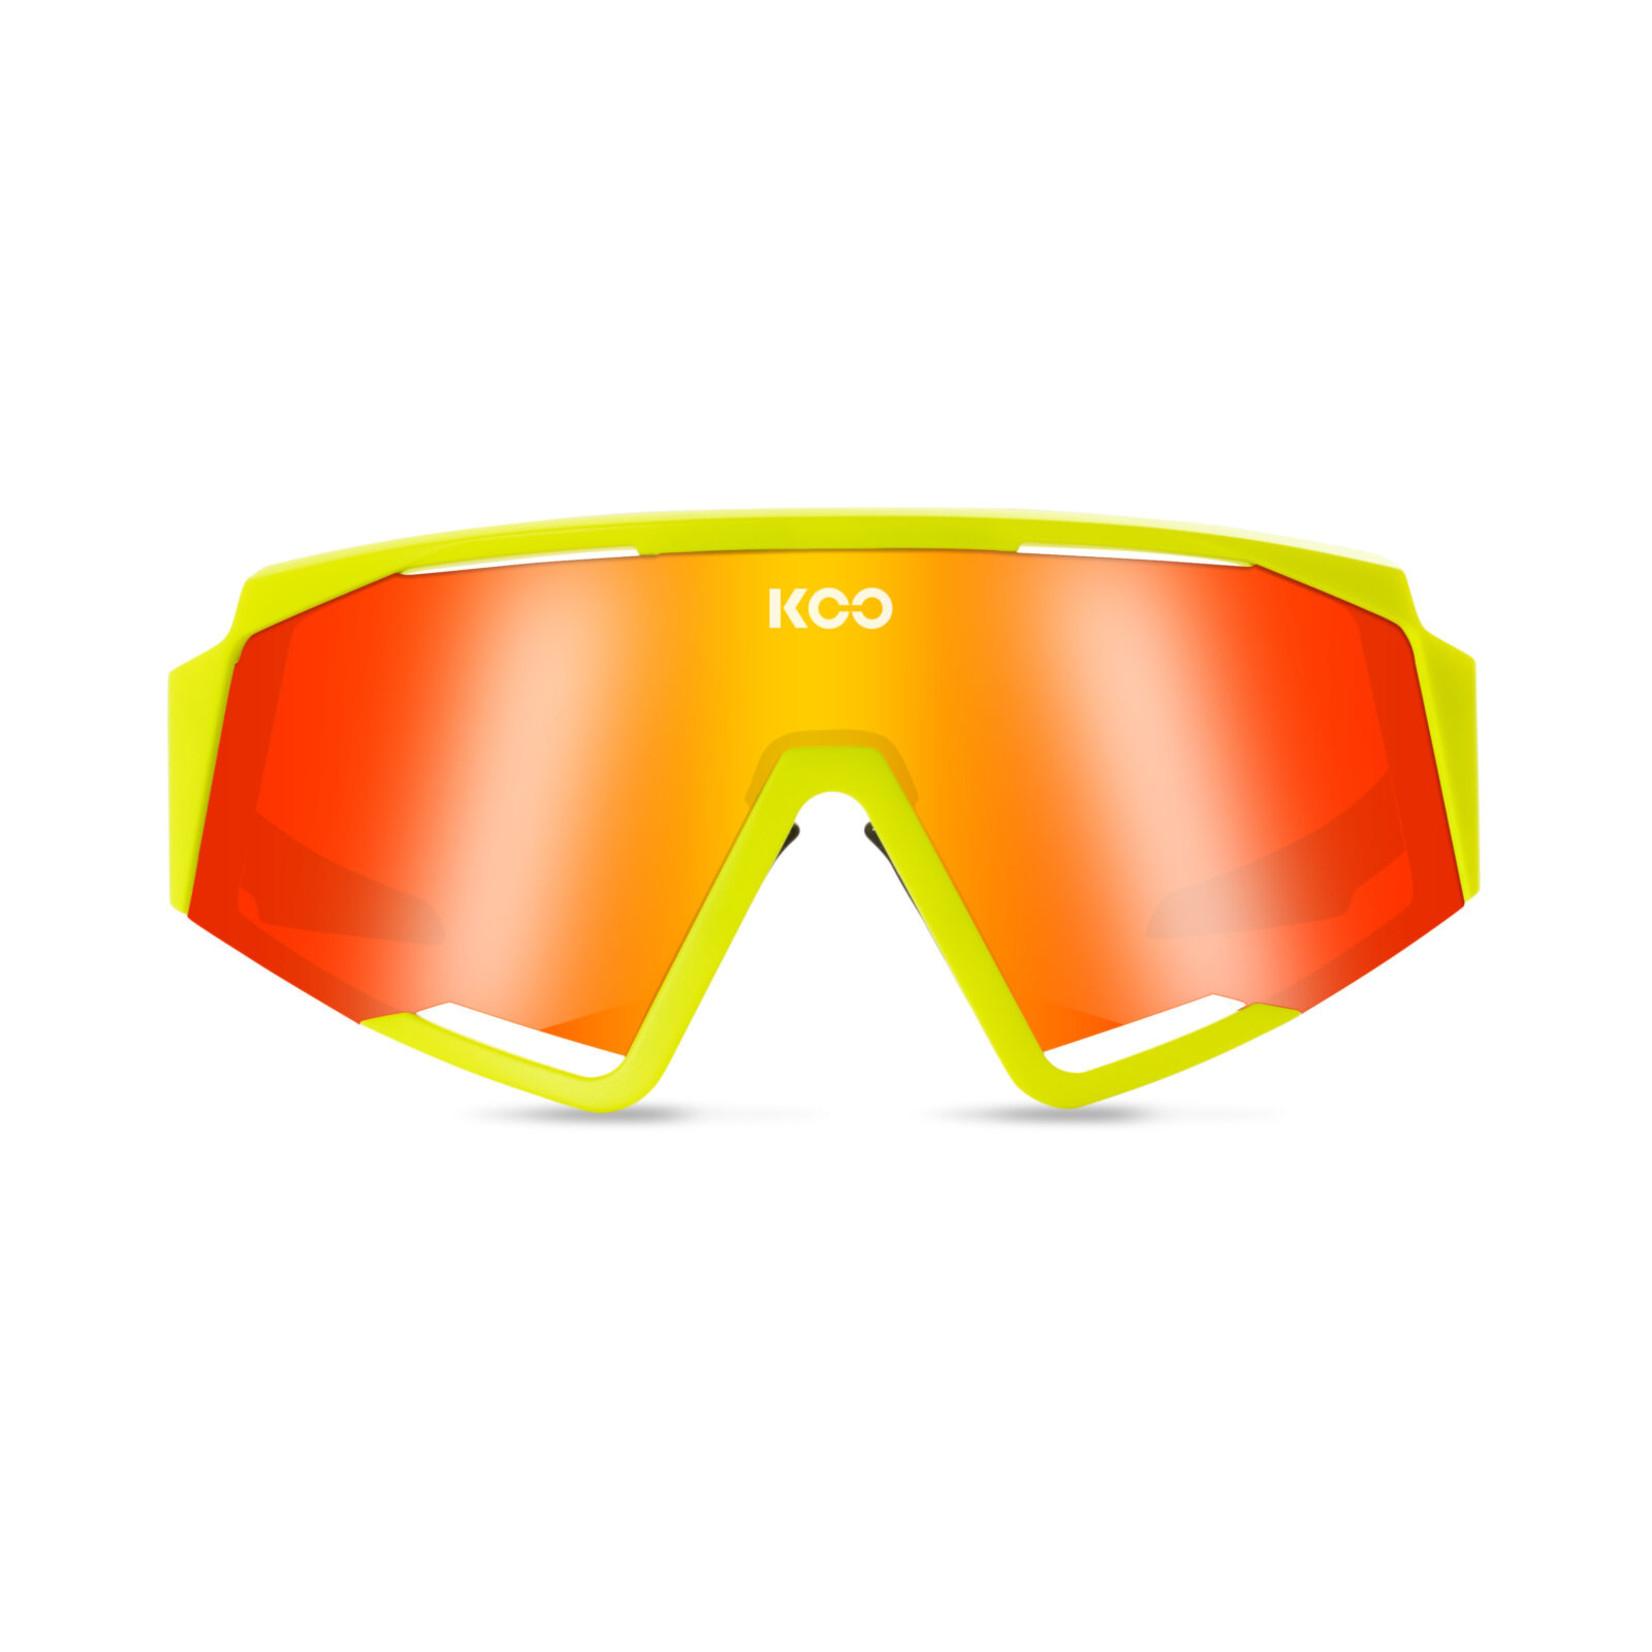 KOO KOO DEMOS-Yellow Fluo/Whiite